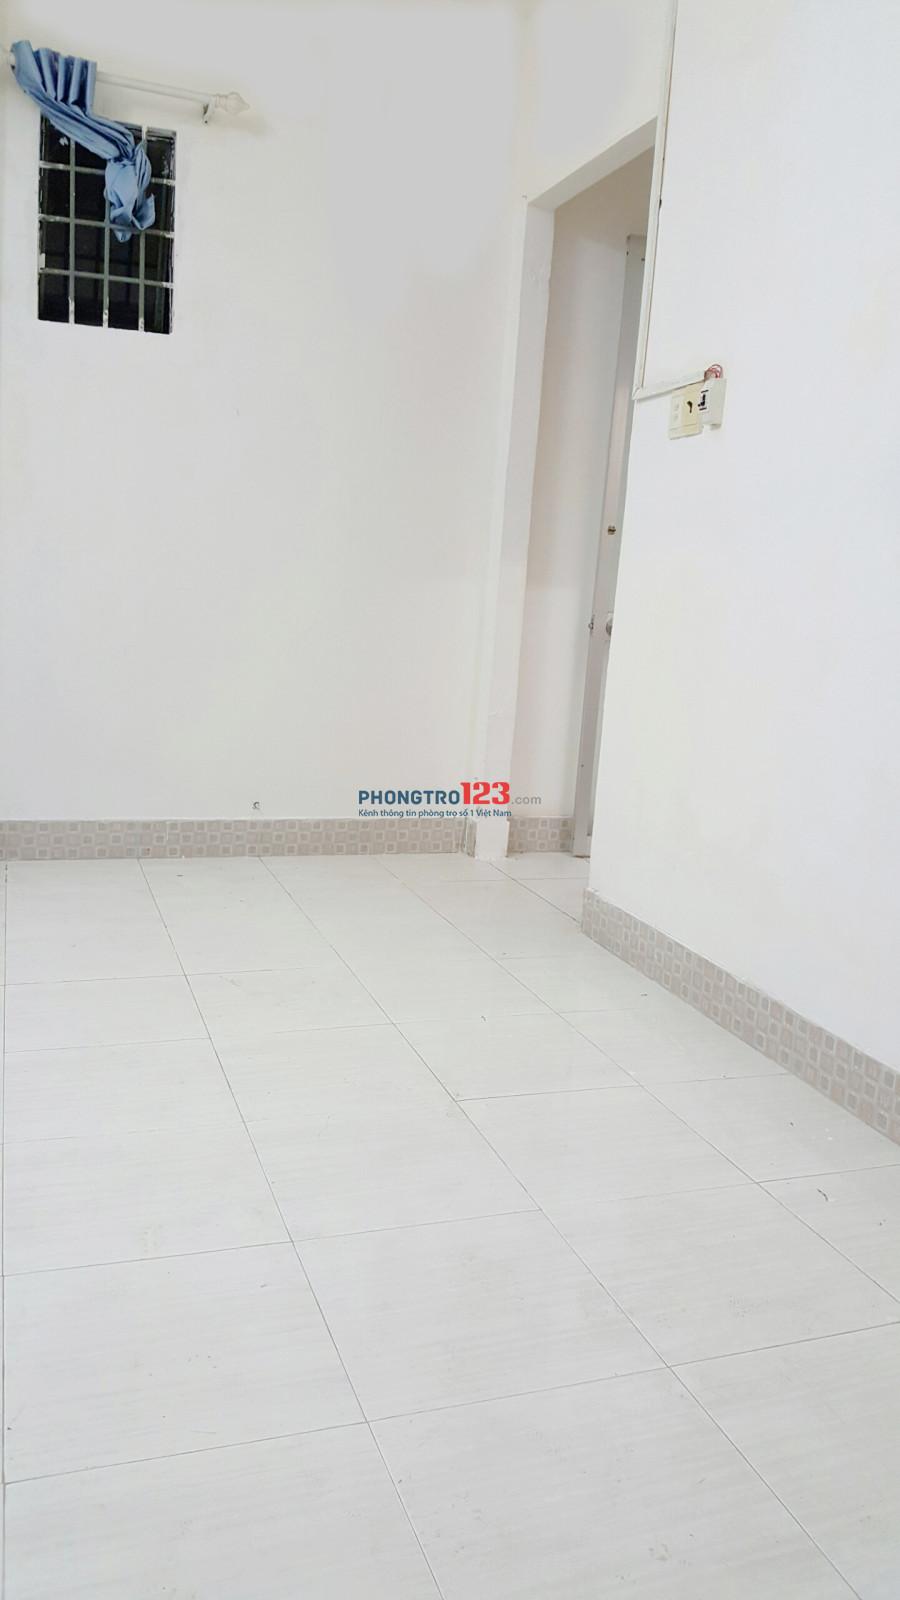 Phòng trong nhà nguyên căn tại Phú Nhuận